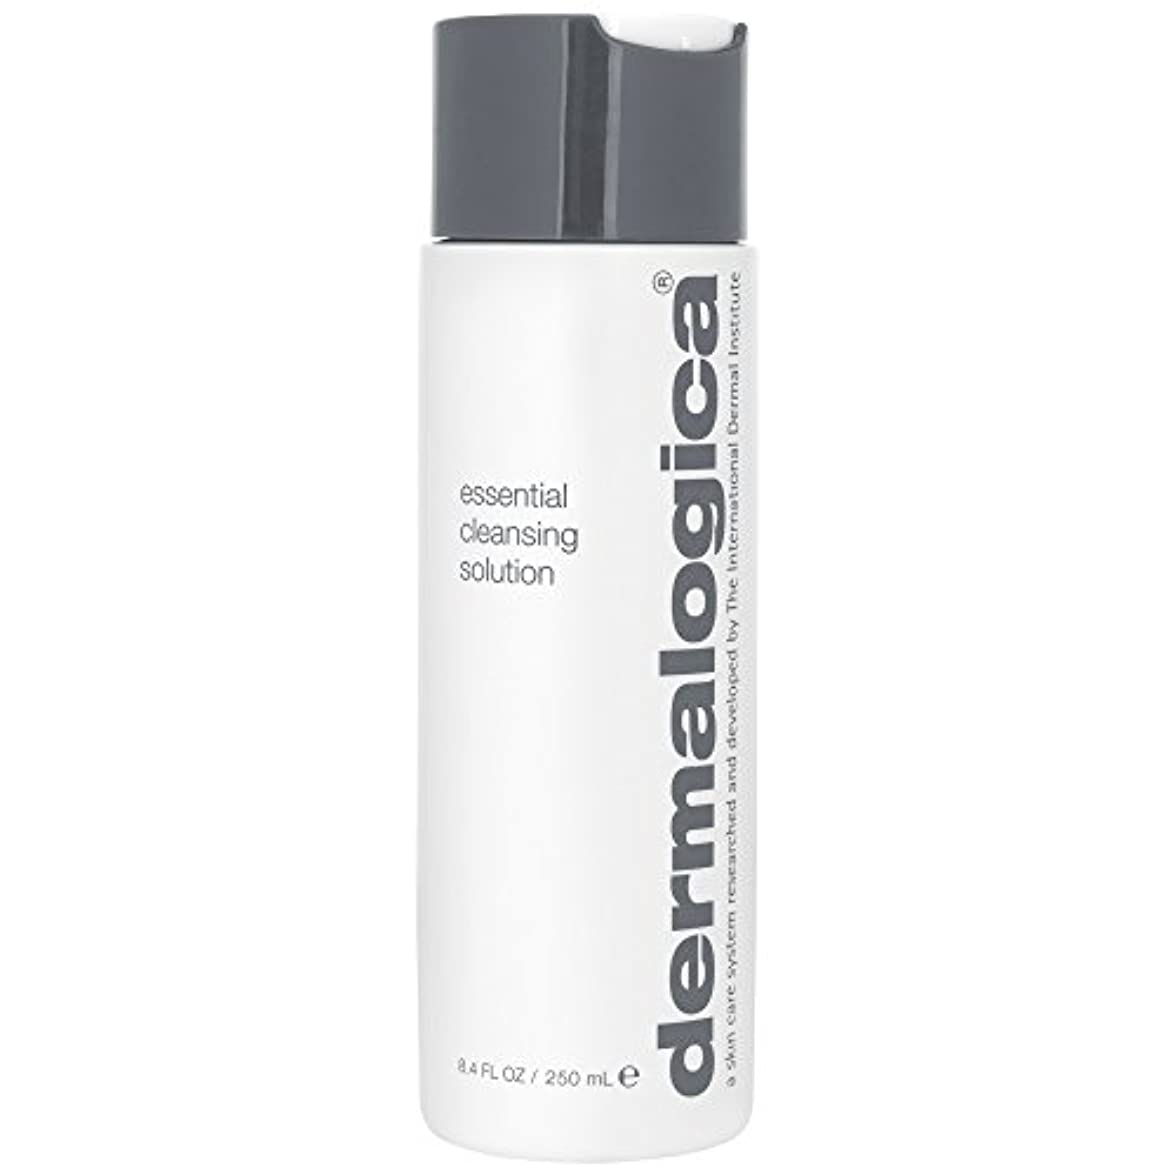 束不十分メンタリティダーマロジカ不可欠な洗浄液の250ミリリットル (Dermalogica) (x2) - Dermalogica Essential Cleansing Solution 250ml (Pack of 2) [並行輸入品]